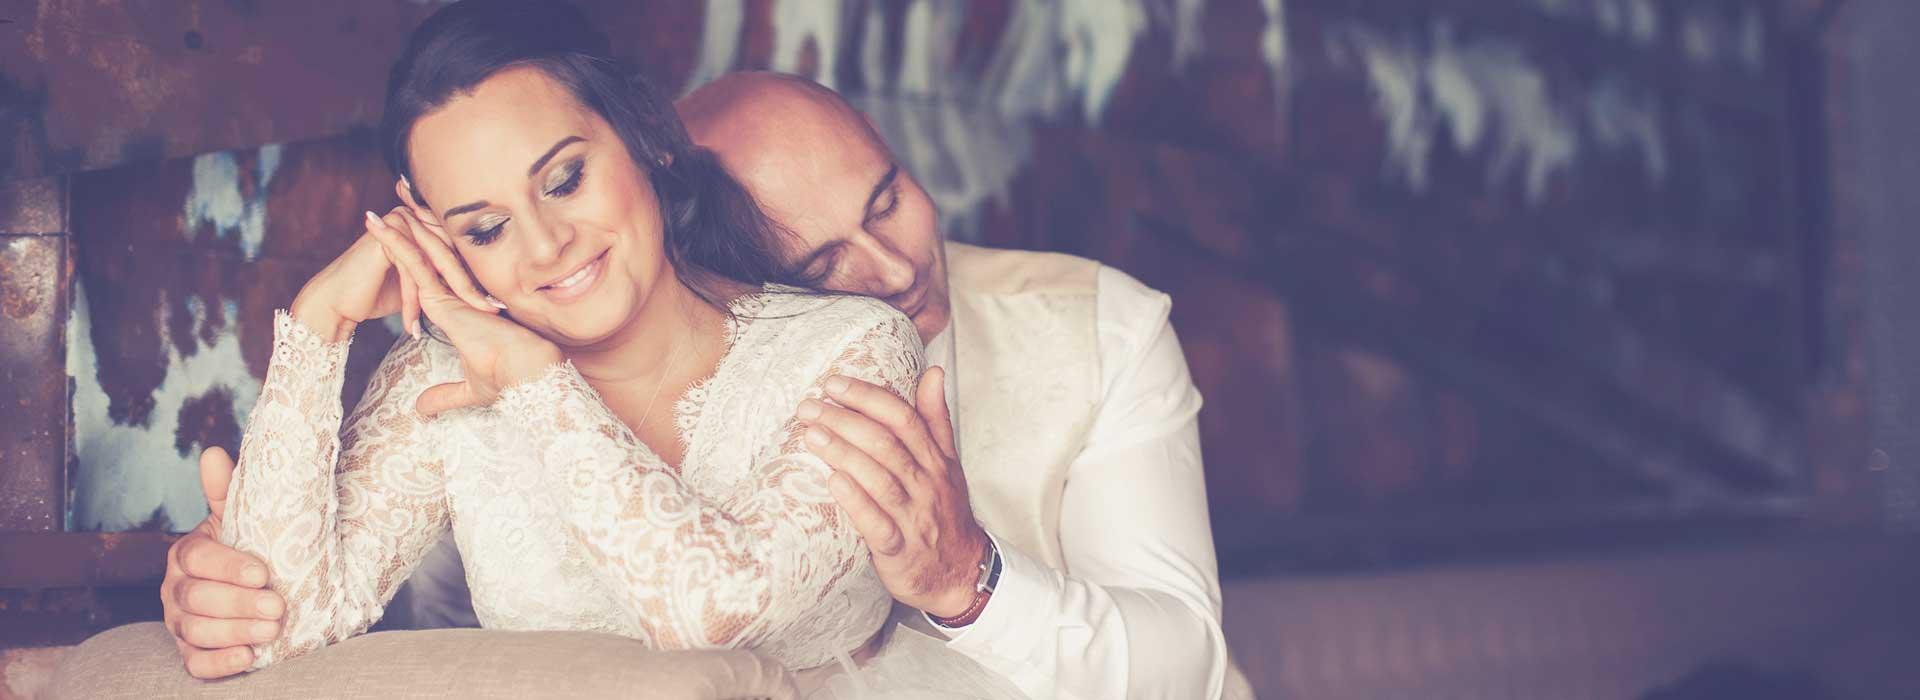 Esküvői fotók női szemmel, érzelemmel.